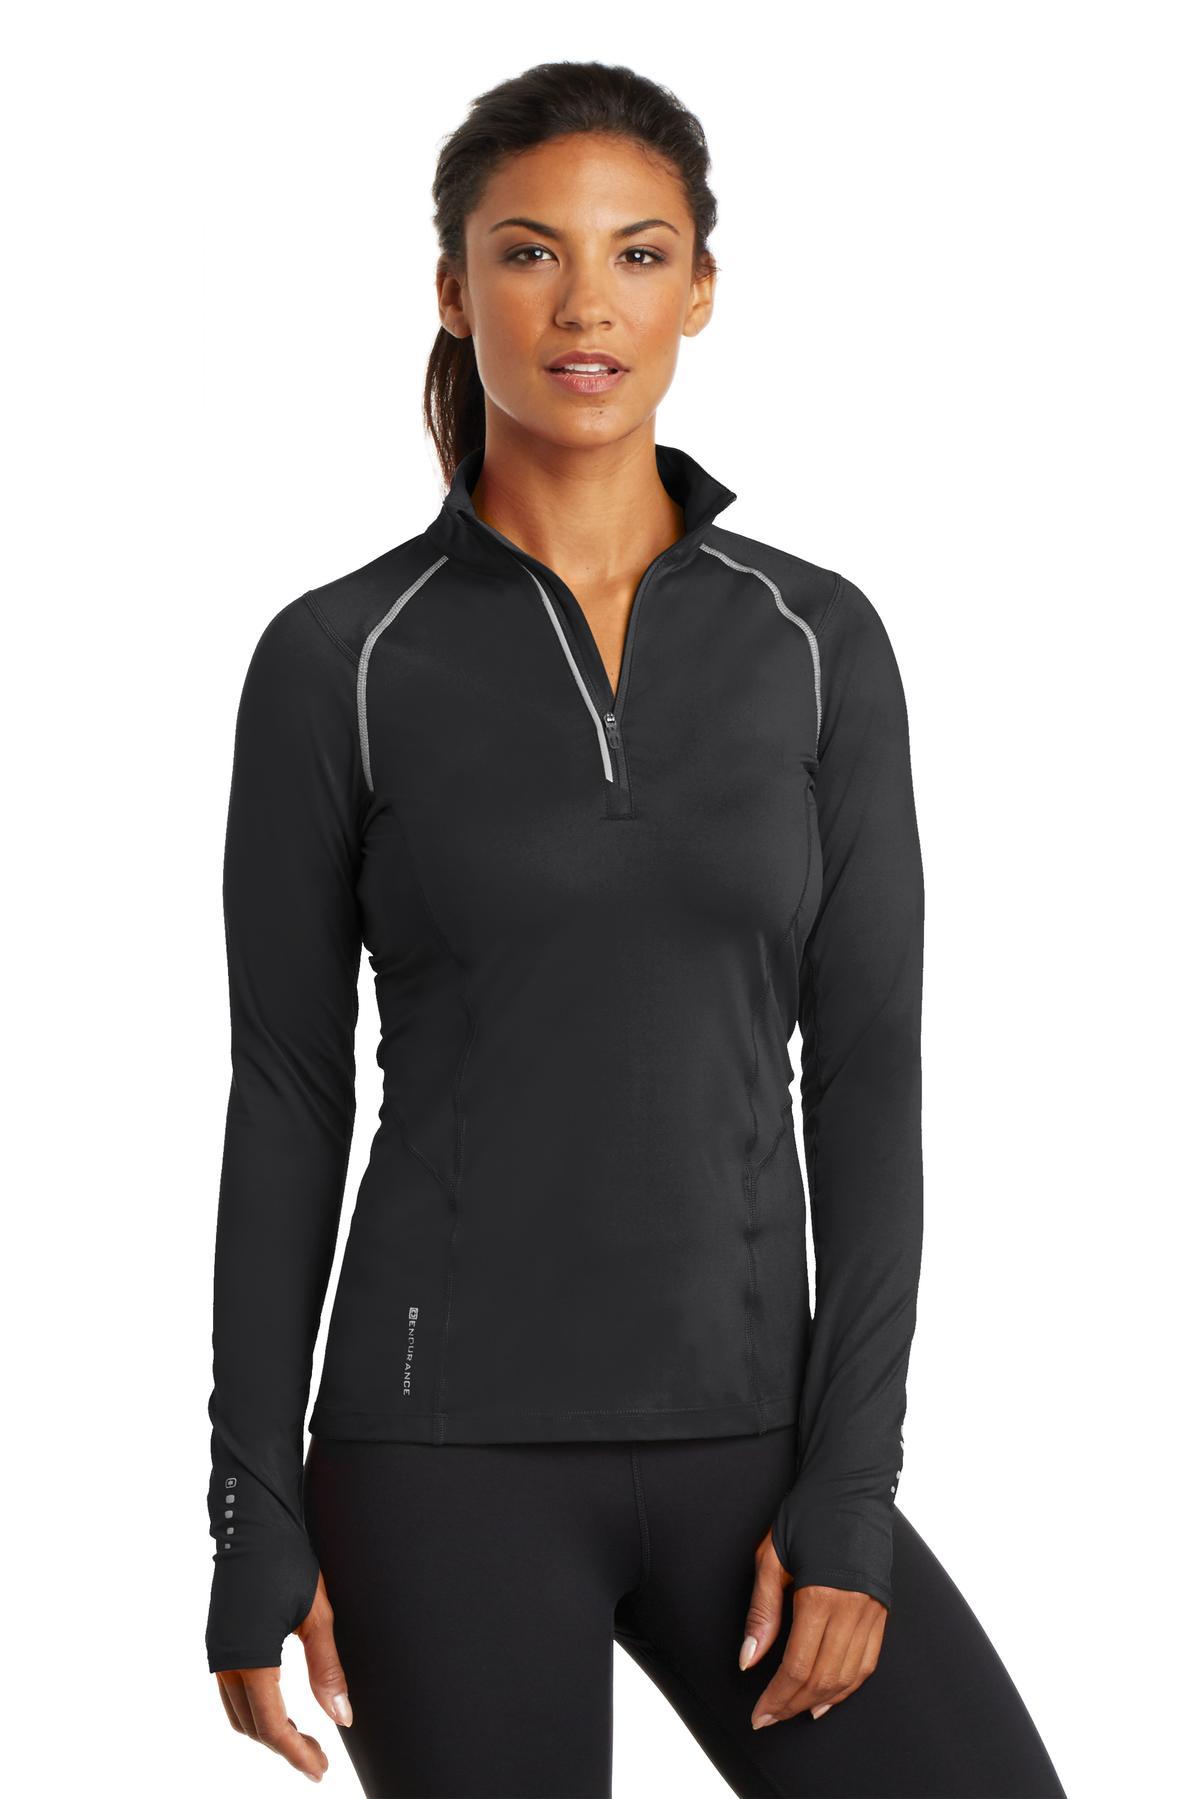 364691272-120 - OGIO® Endurance Nexus Ladies' 1/4 Zip Pullover Shirt - thumbnail